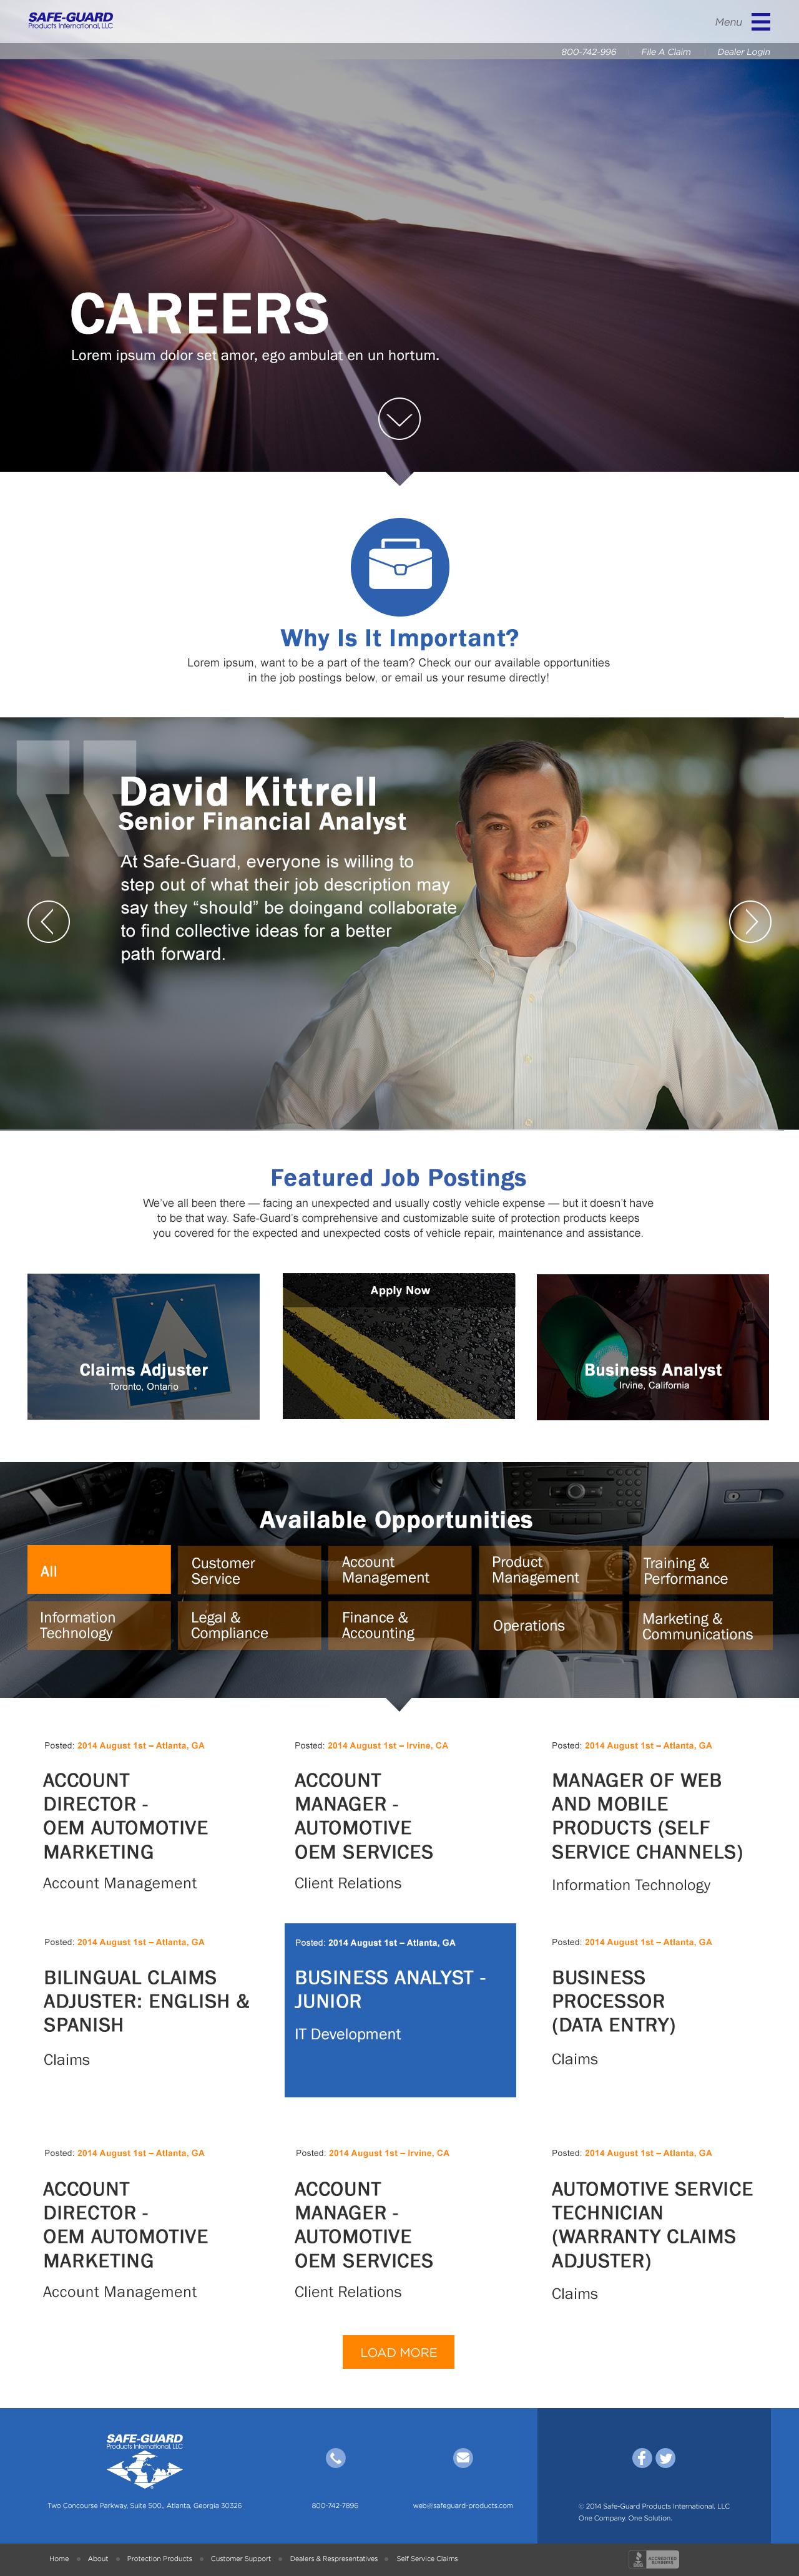 sg_careers_desktop-4_ks.jpg